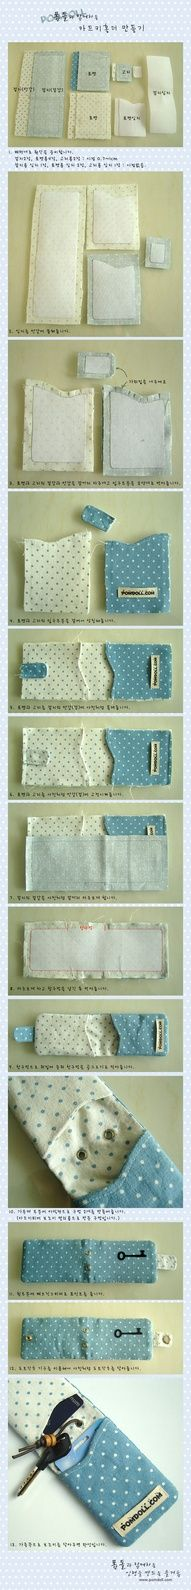 DIY Wallet! so cute!